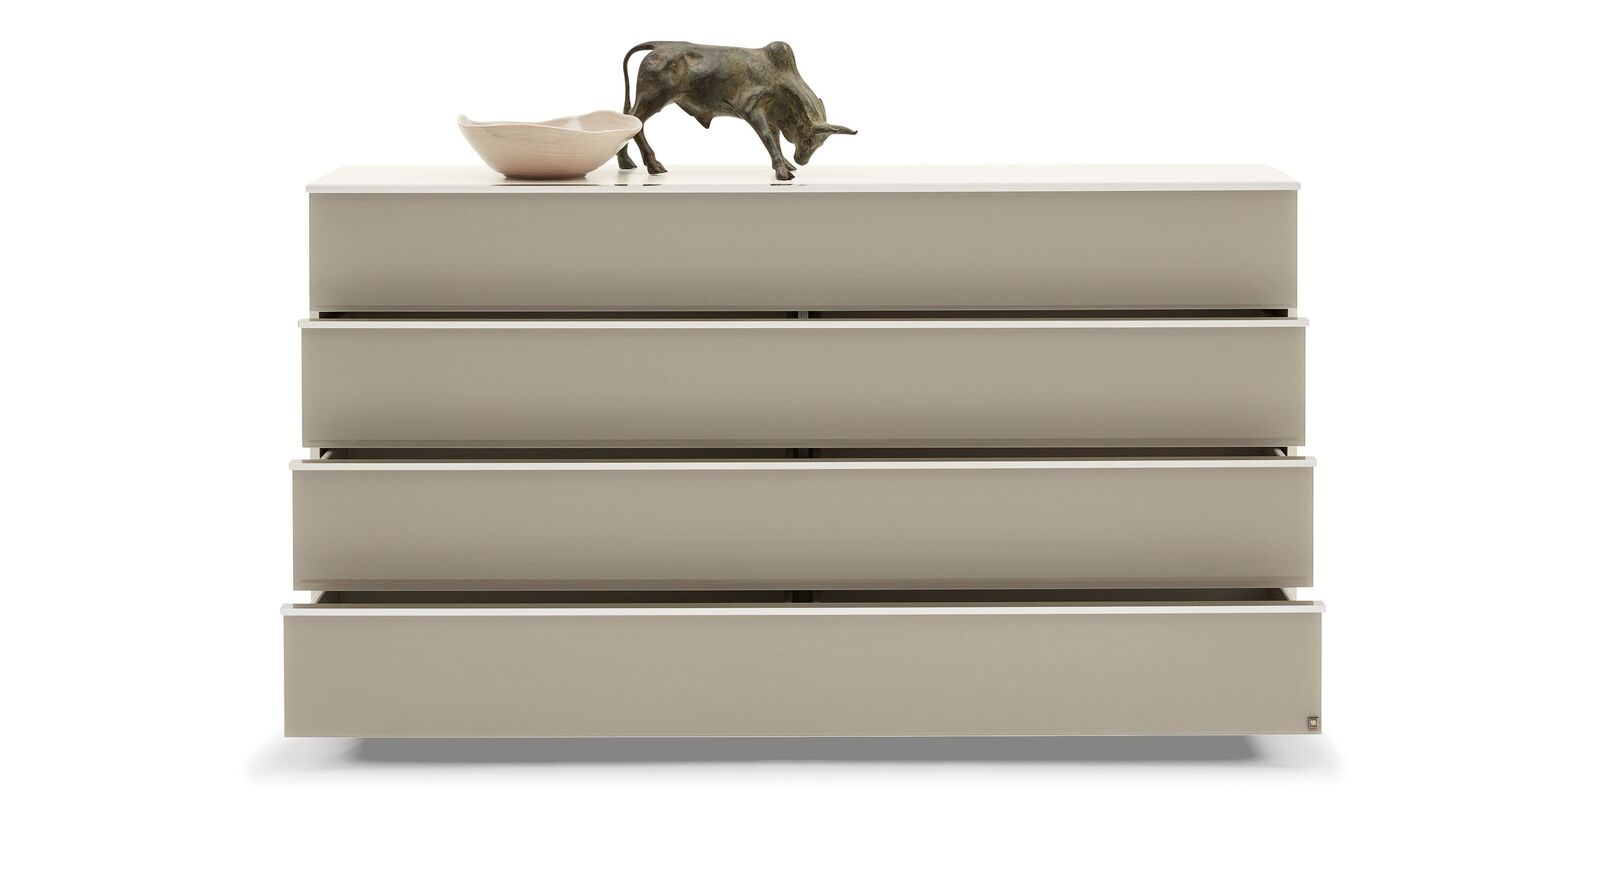 Praktische und geräumige MUSTERRING Schubladen-Kommode San Diego Weiß mit eleganten Girffleisten